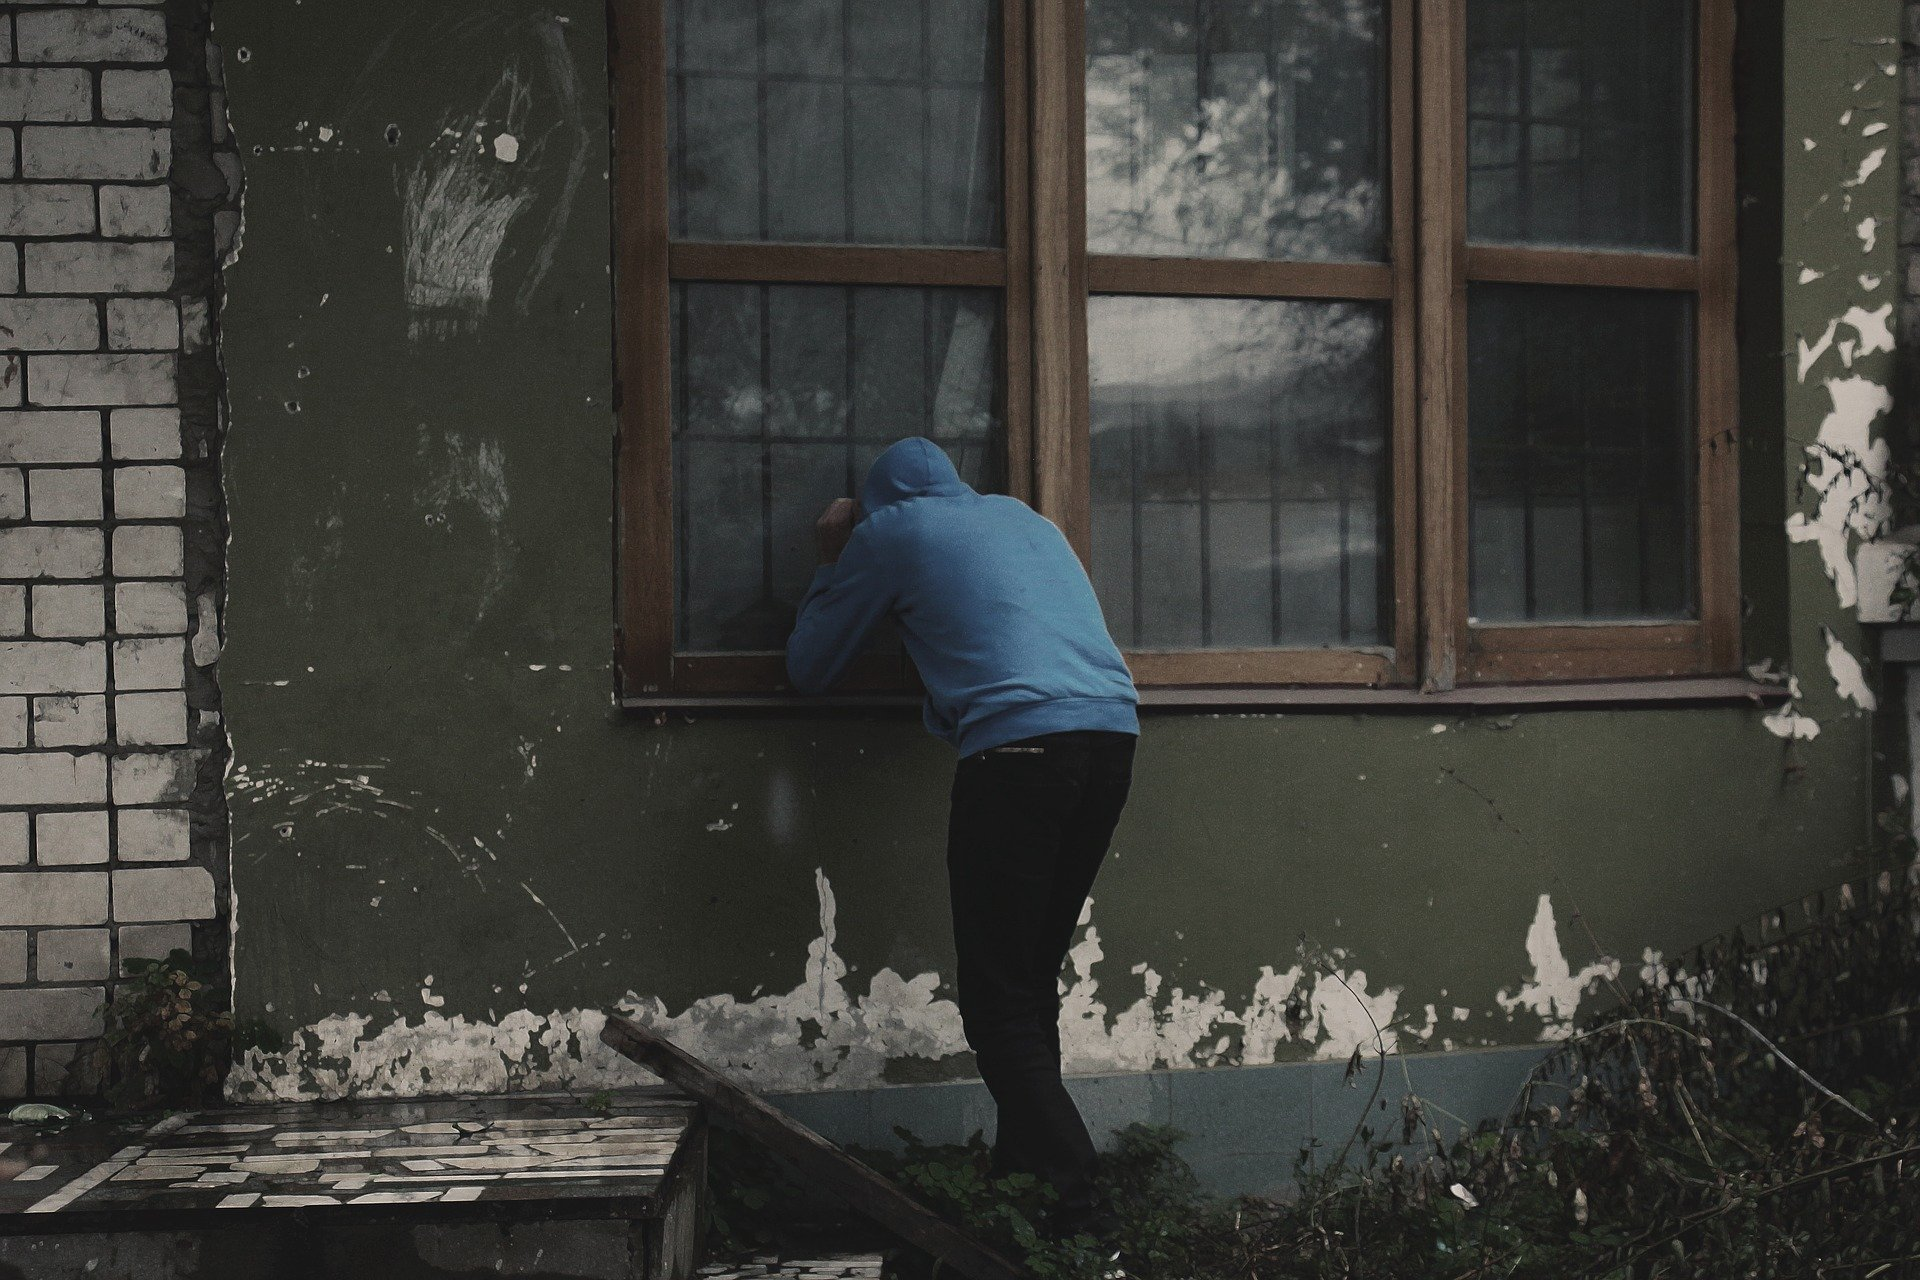 窓から泥棒が侵入しようとする様子